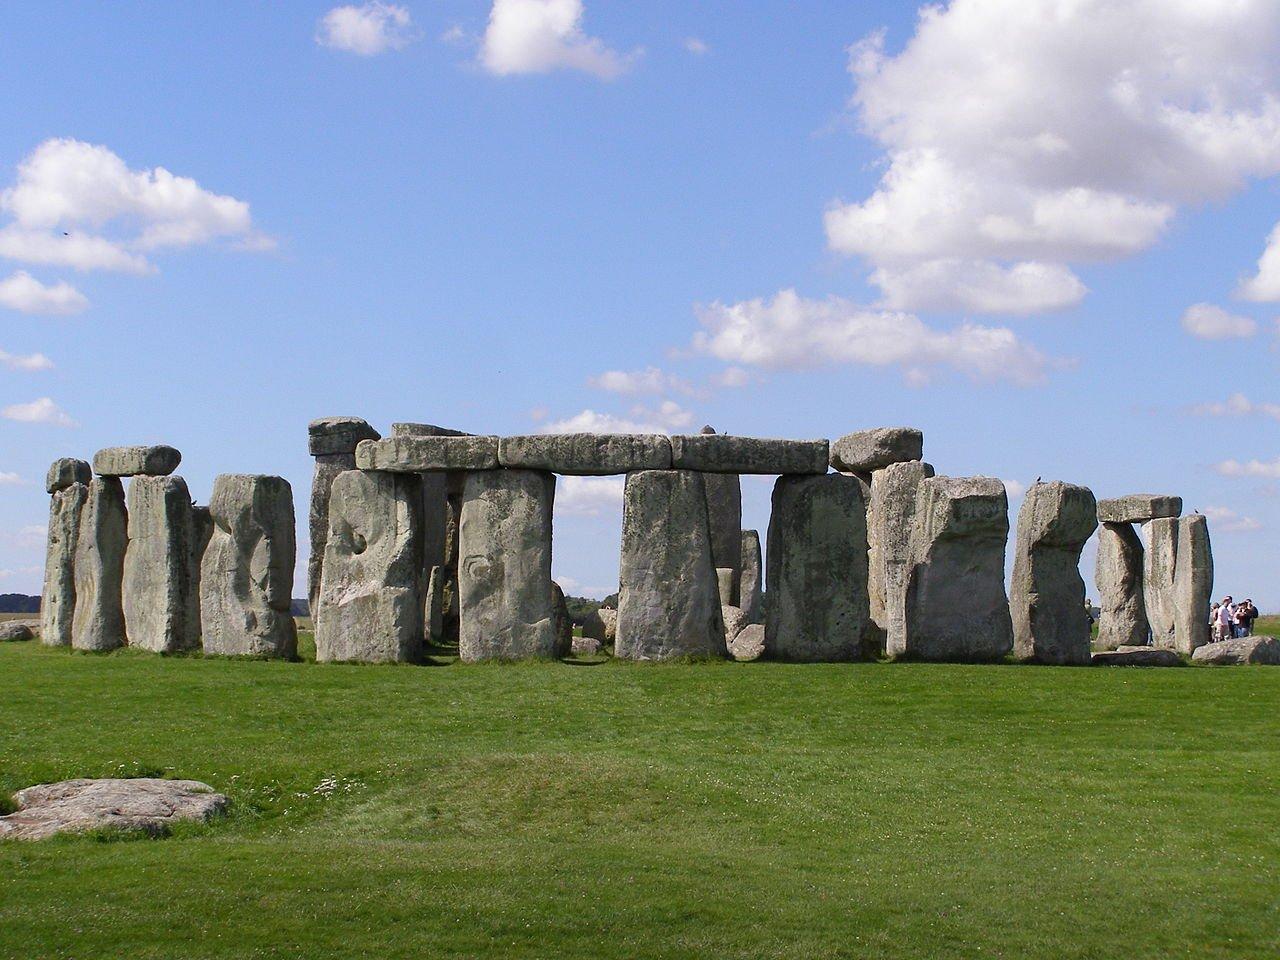 Стоунхендж — доисторическая обсерватория или антенна трансформеров?